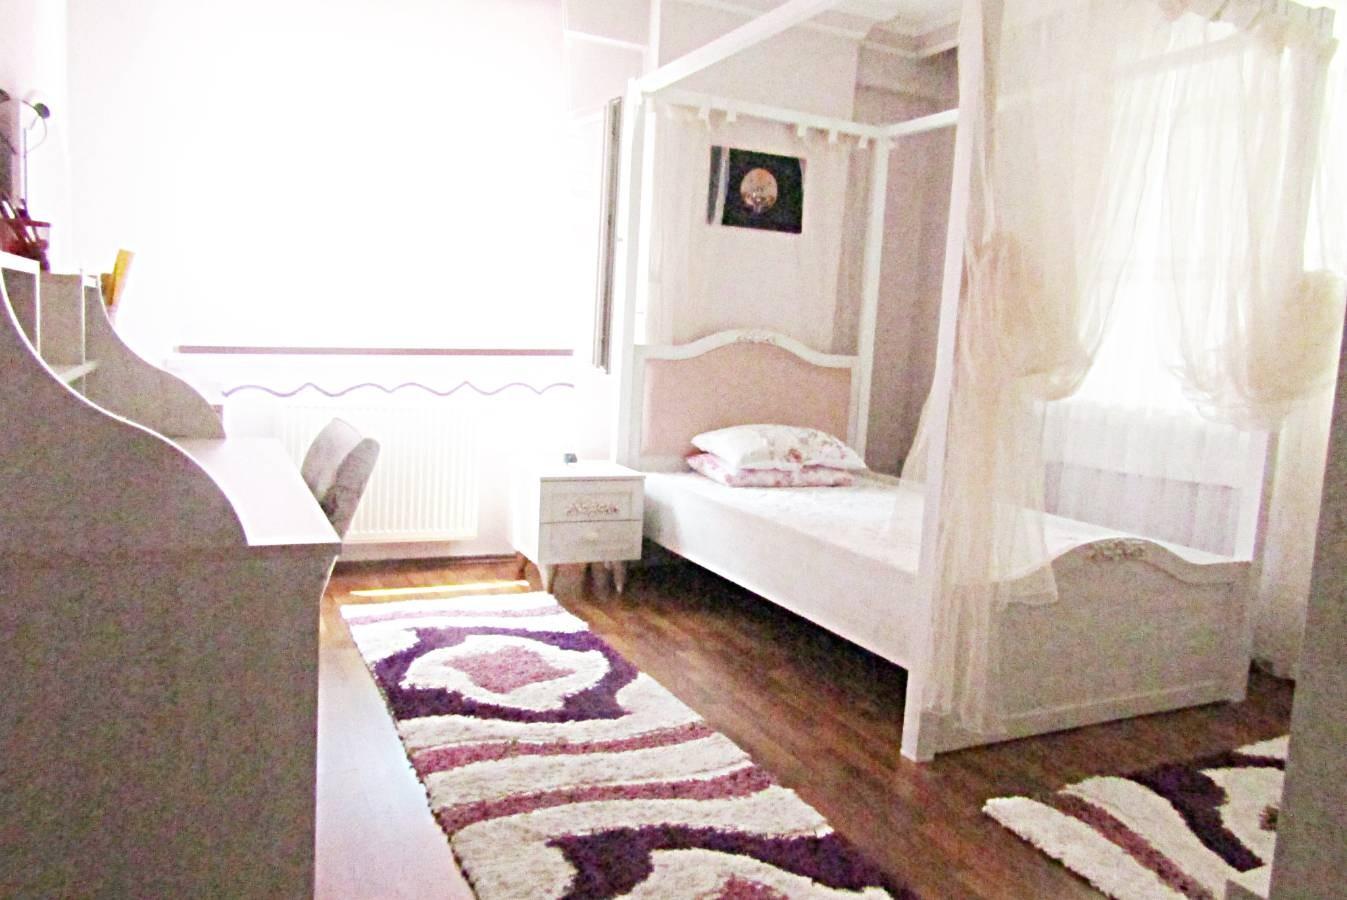 SR EMLAK'TAN ELVAN MAH'DE 5+1 250 m²  YAPILI BAĞIMSIZ CADDEYE YAKIN KAPALI TERAS DAİRE